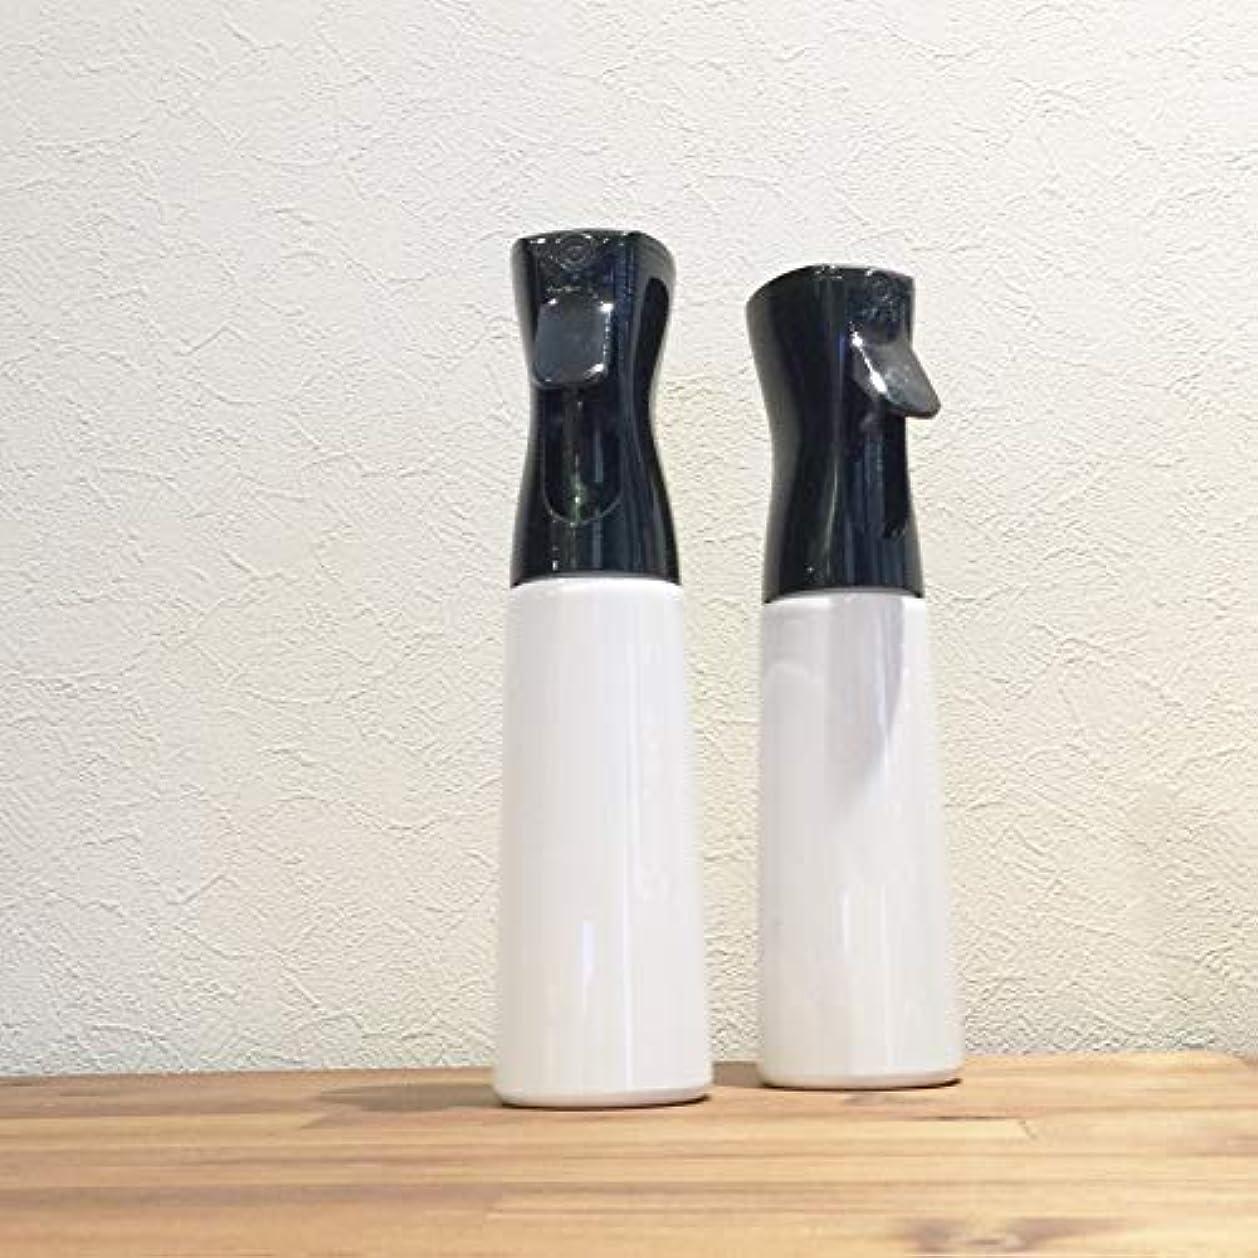 草草リベラル<1個?単品>FLAIROSOL(黒×白)タイプ 350ml (1本単品売り)